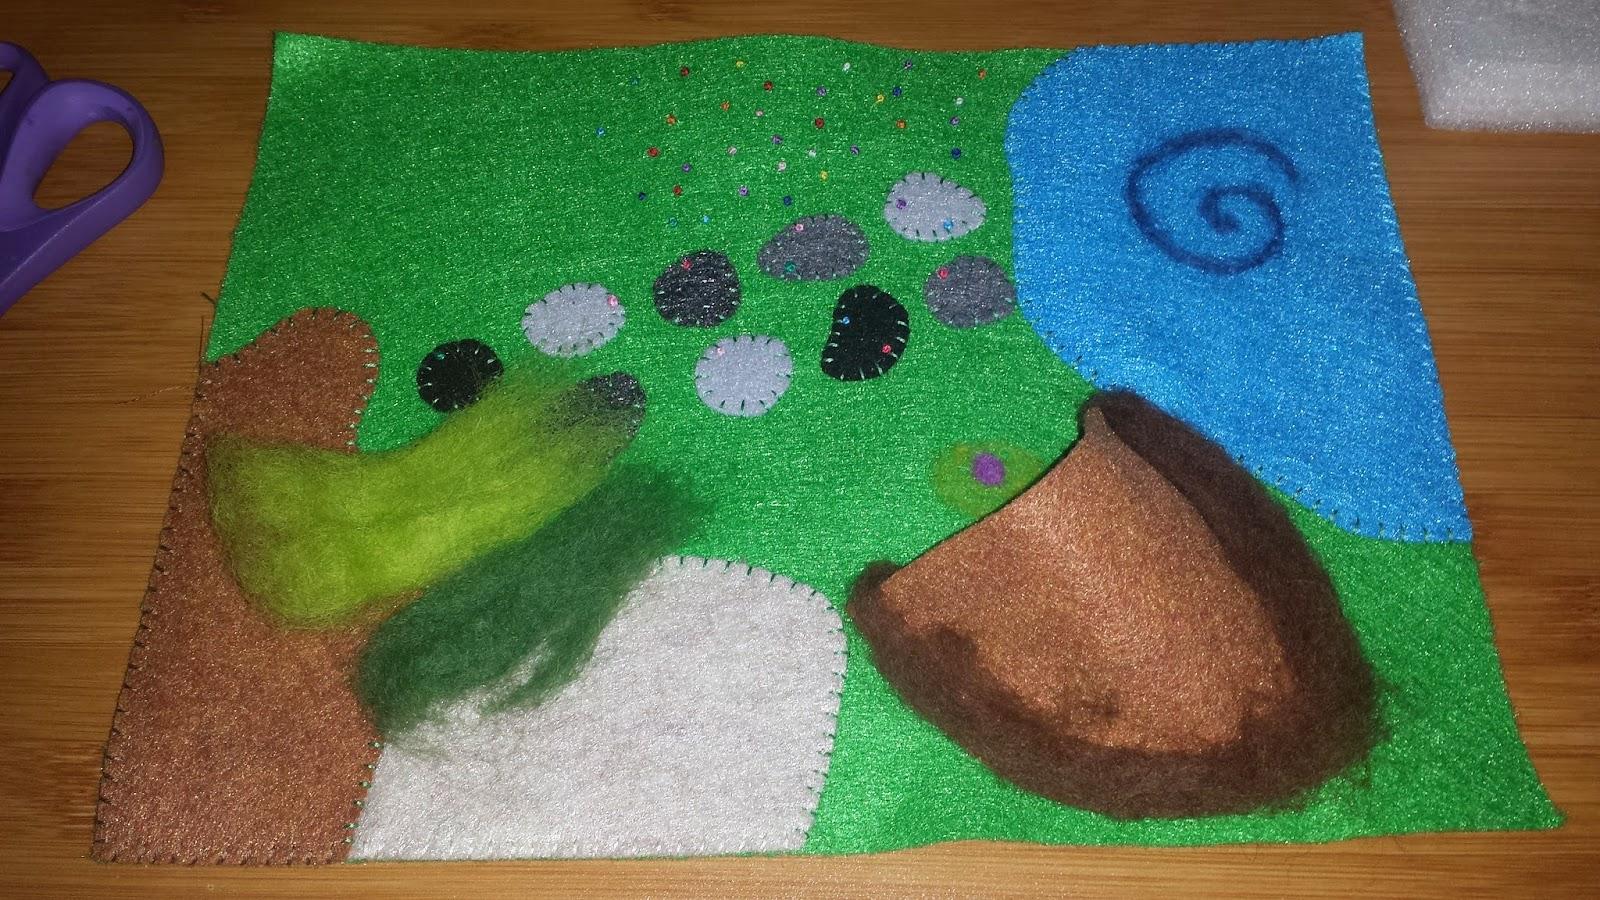 Man Cave Kristan Green : Munchkin and bean: felt play mats